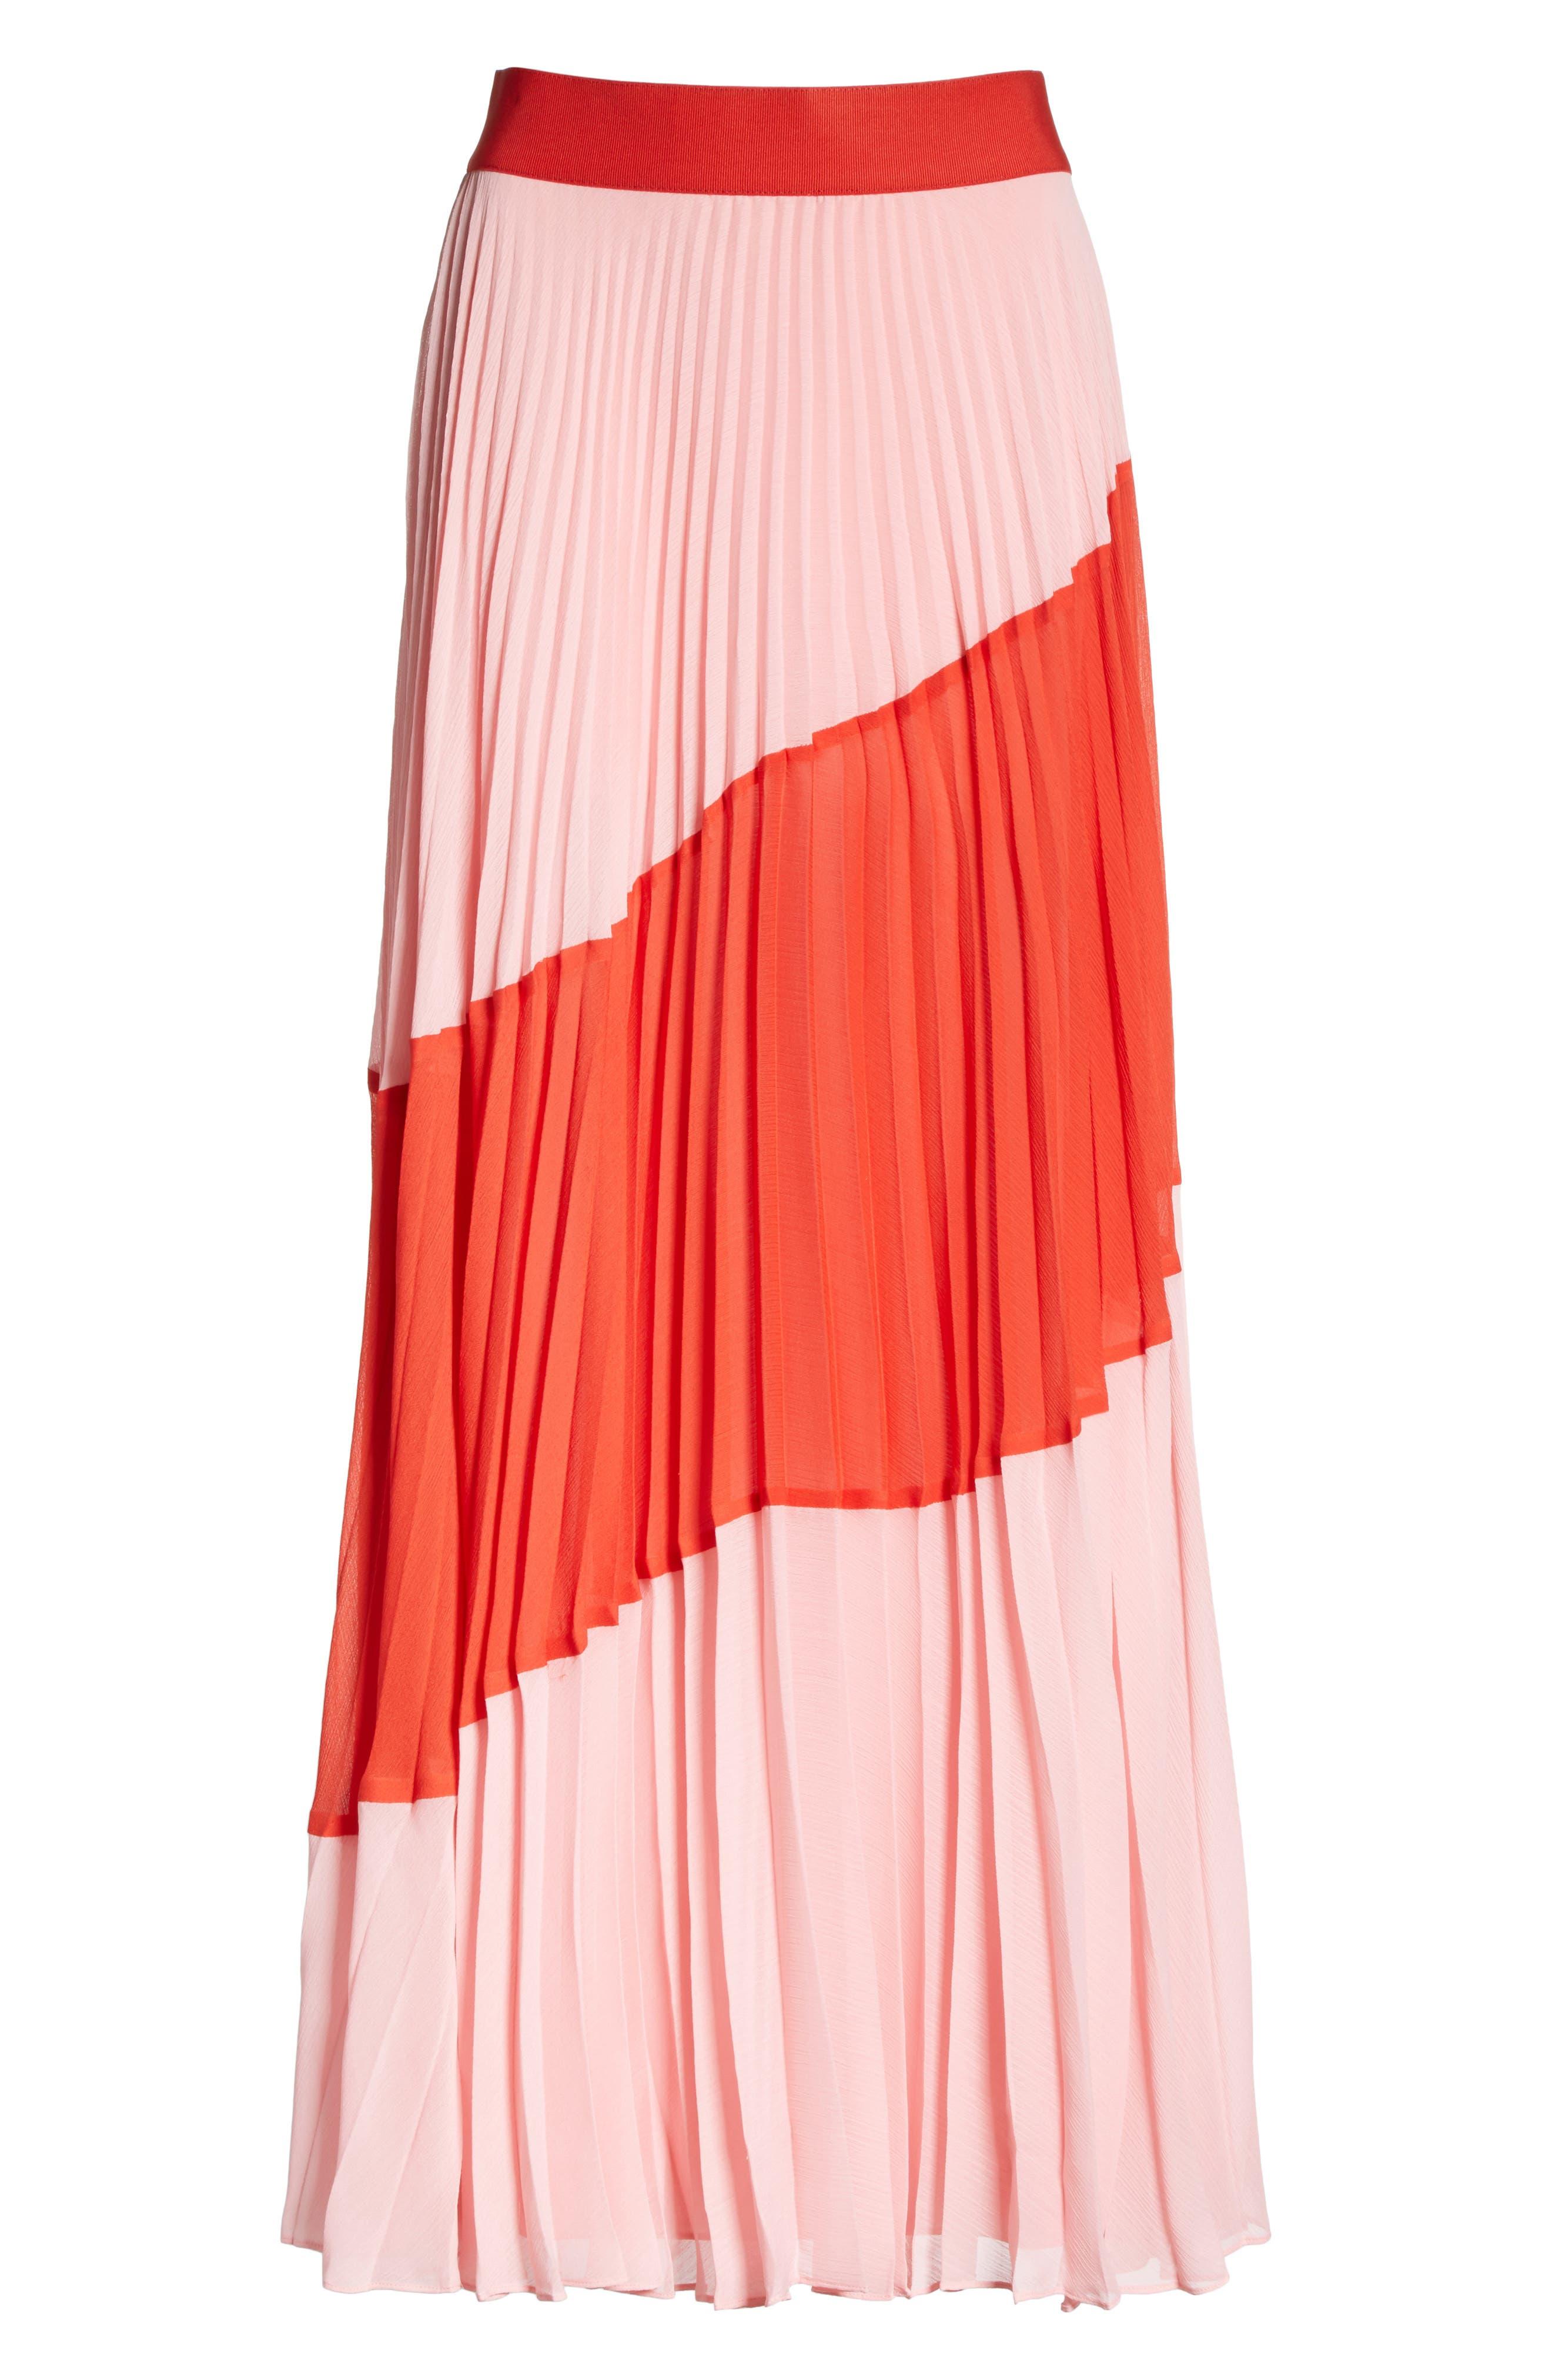 Tavi Colorblock Maxi Skirt,                             Alternate thumbnail 6, color,